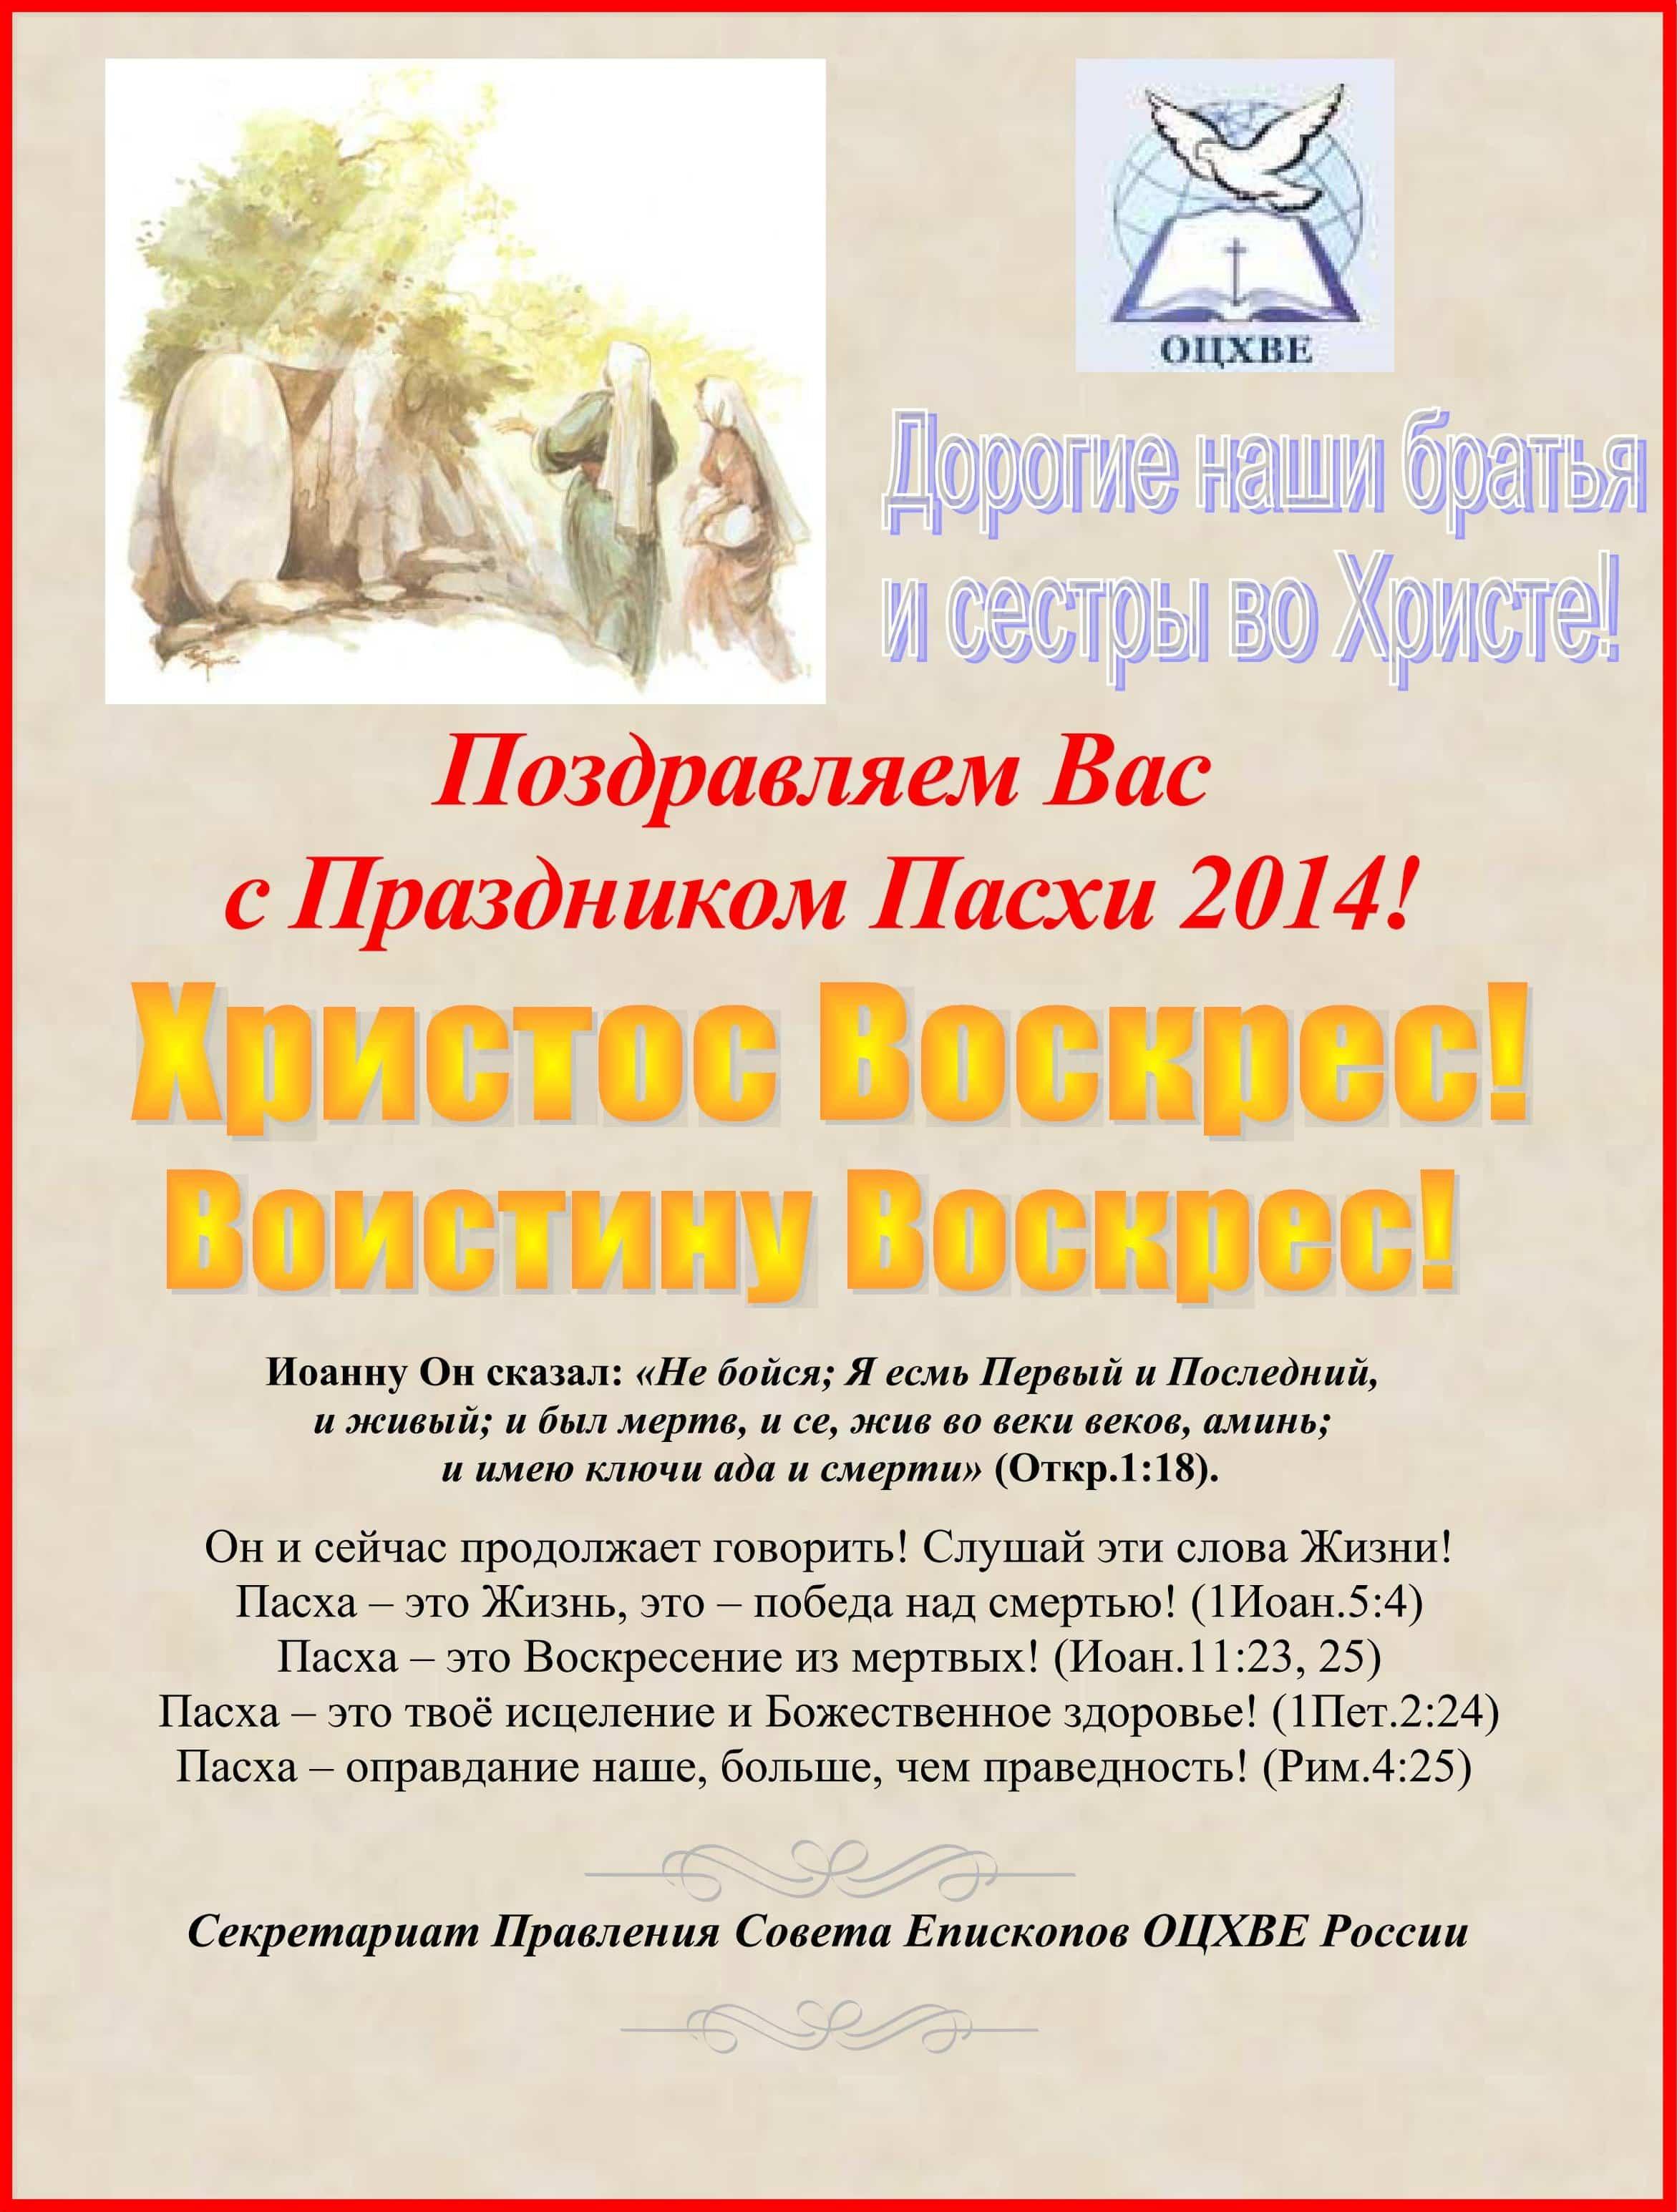 Поздравляем Вас с Праздником Пасхи (2014)!